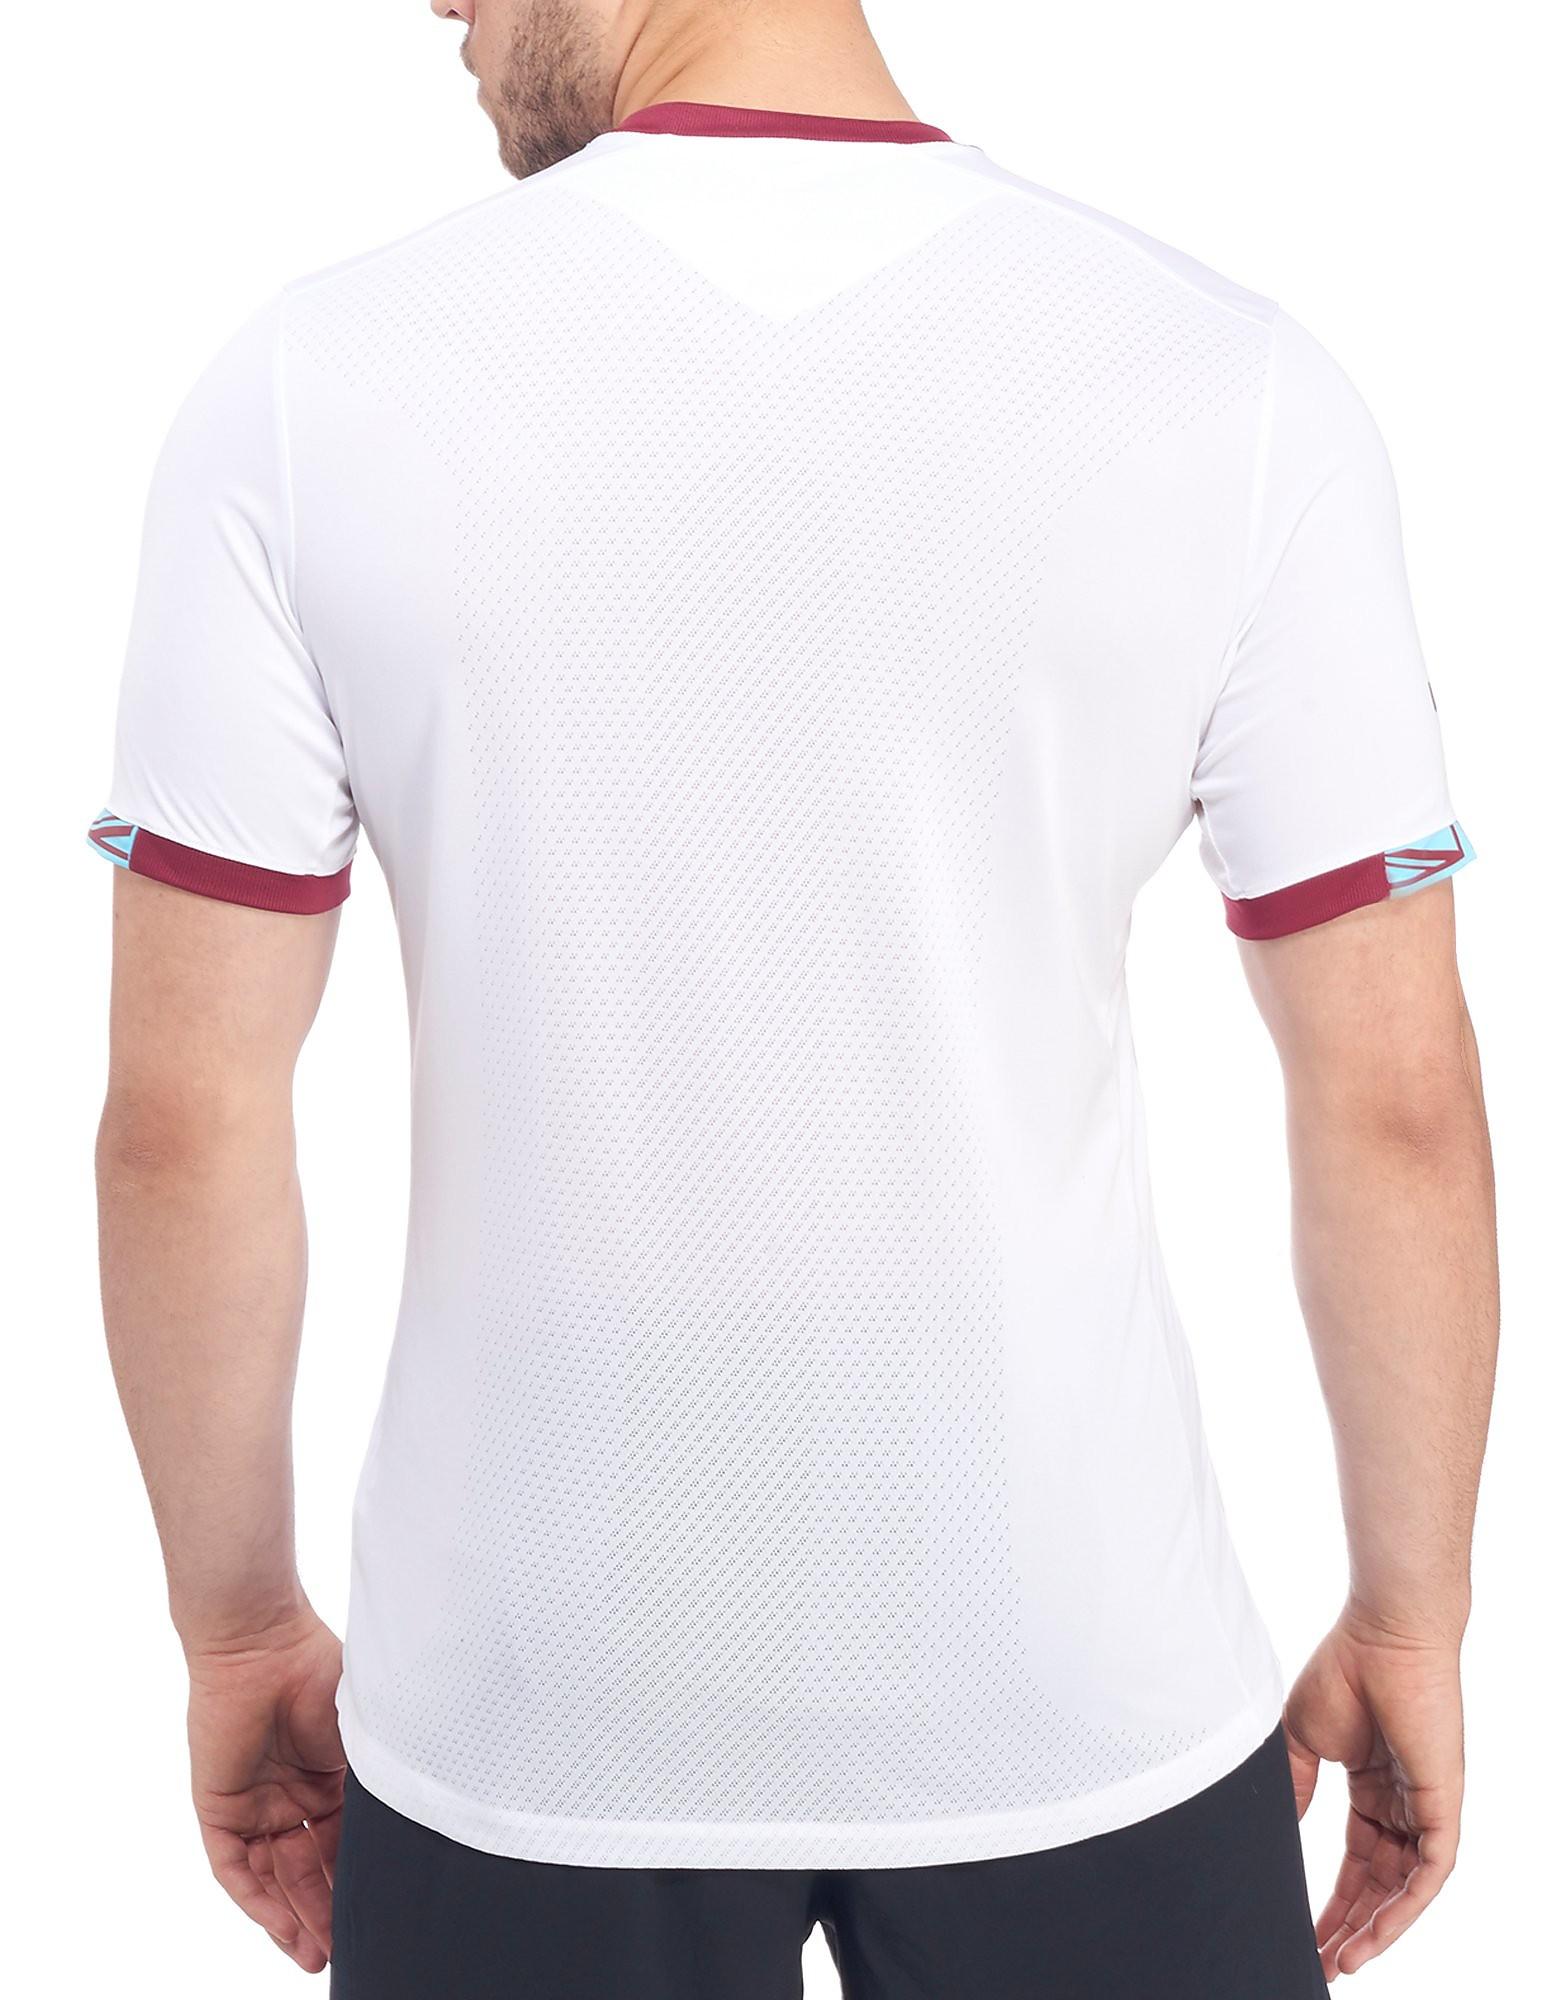 Umbro West Ham United 2016/17 Away Shirt